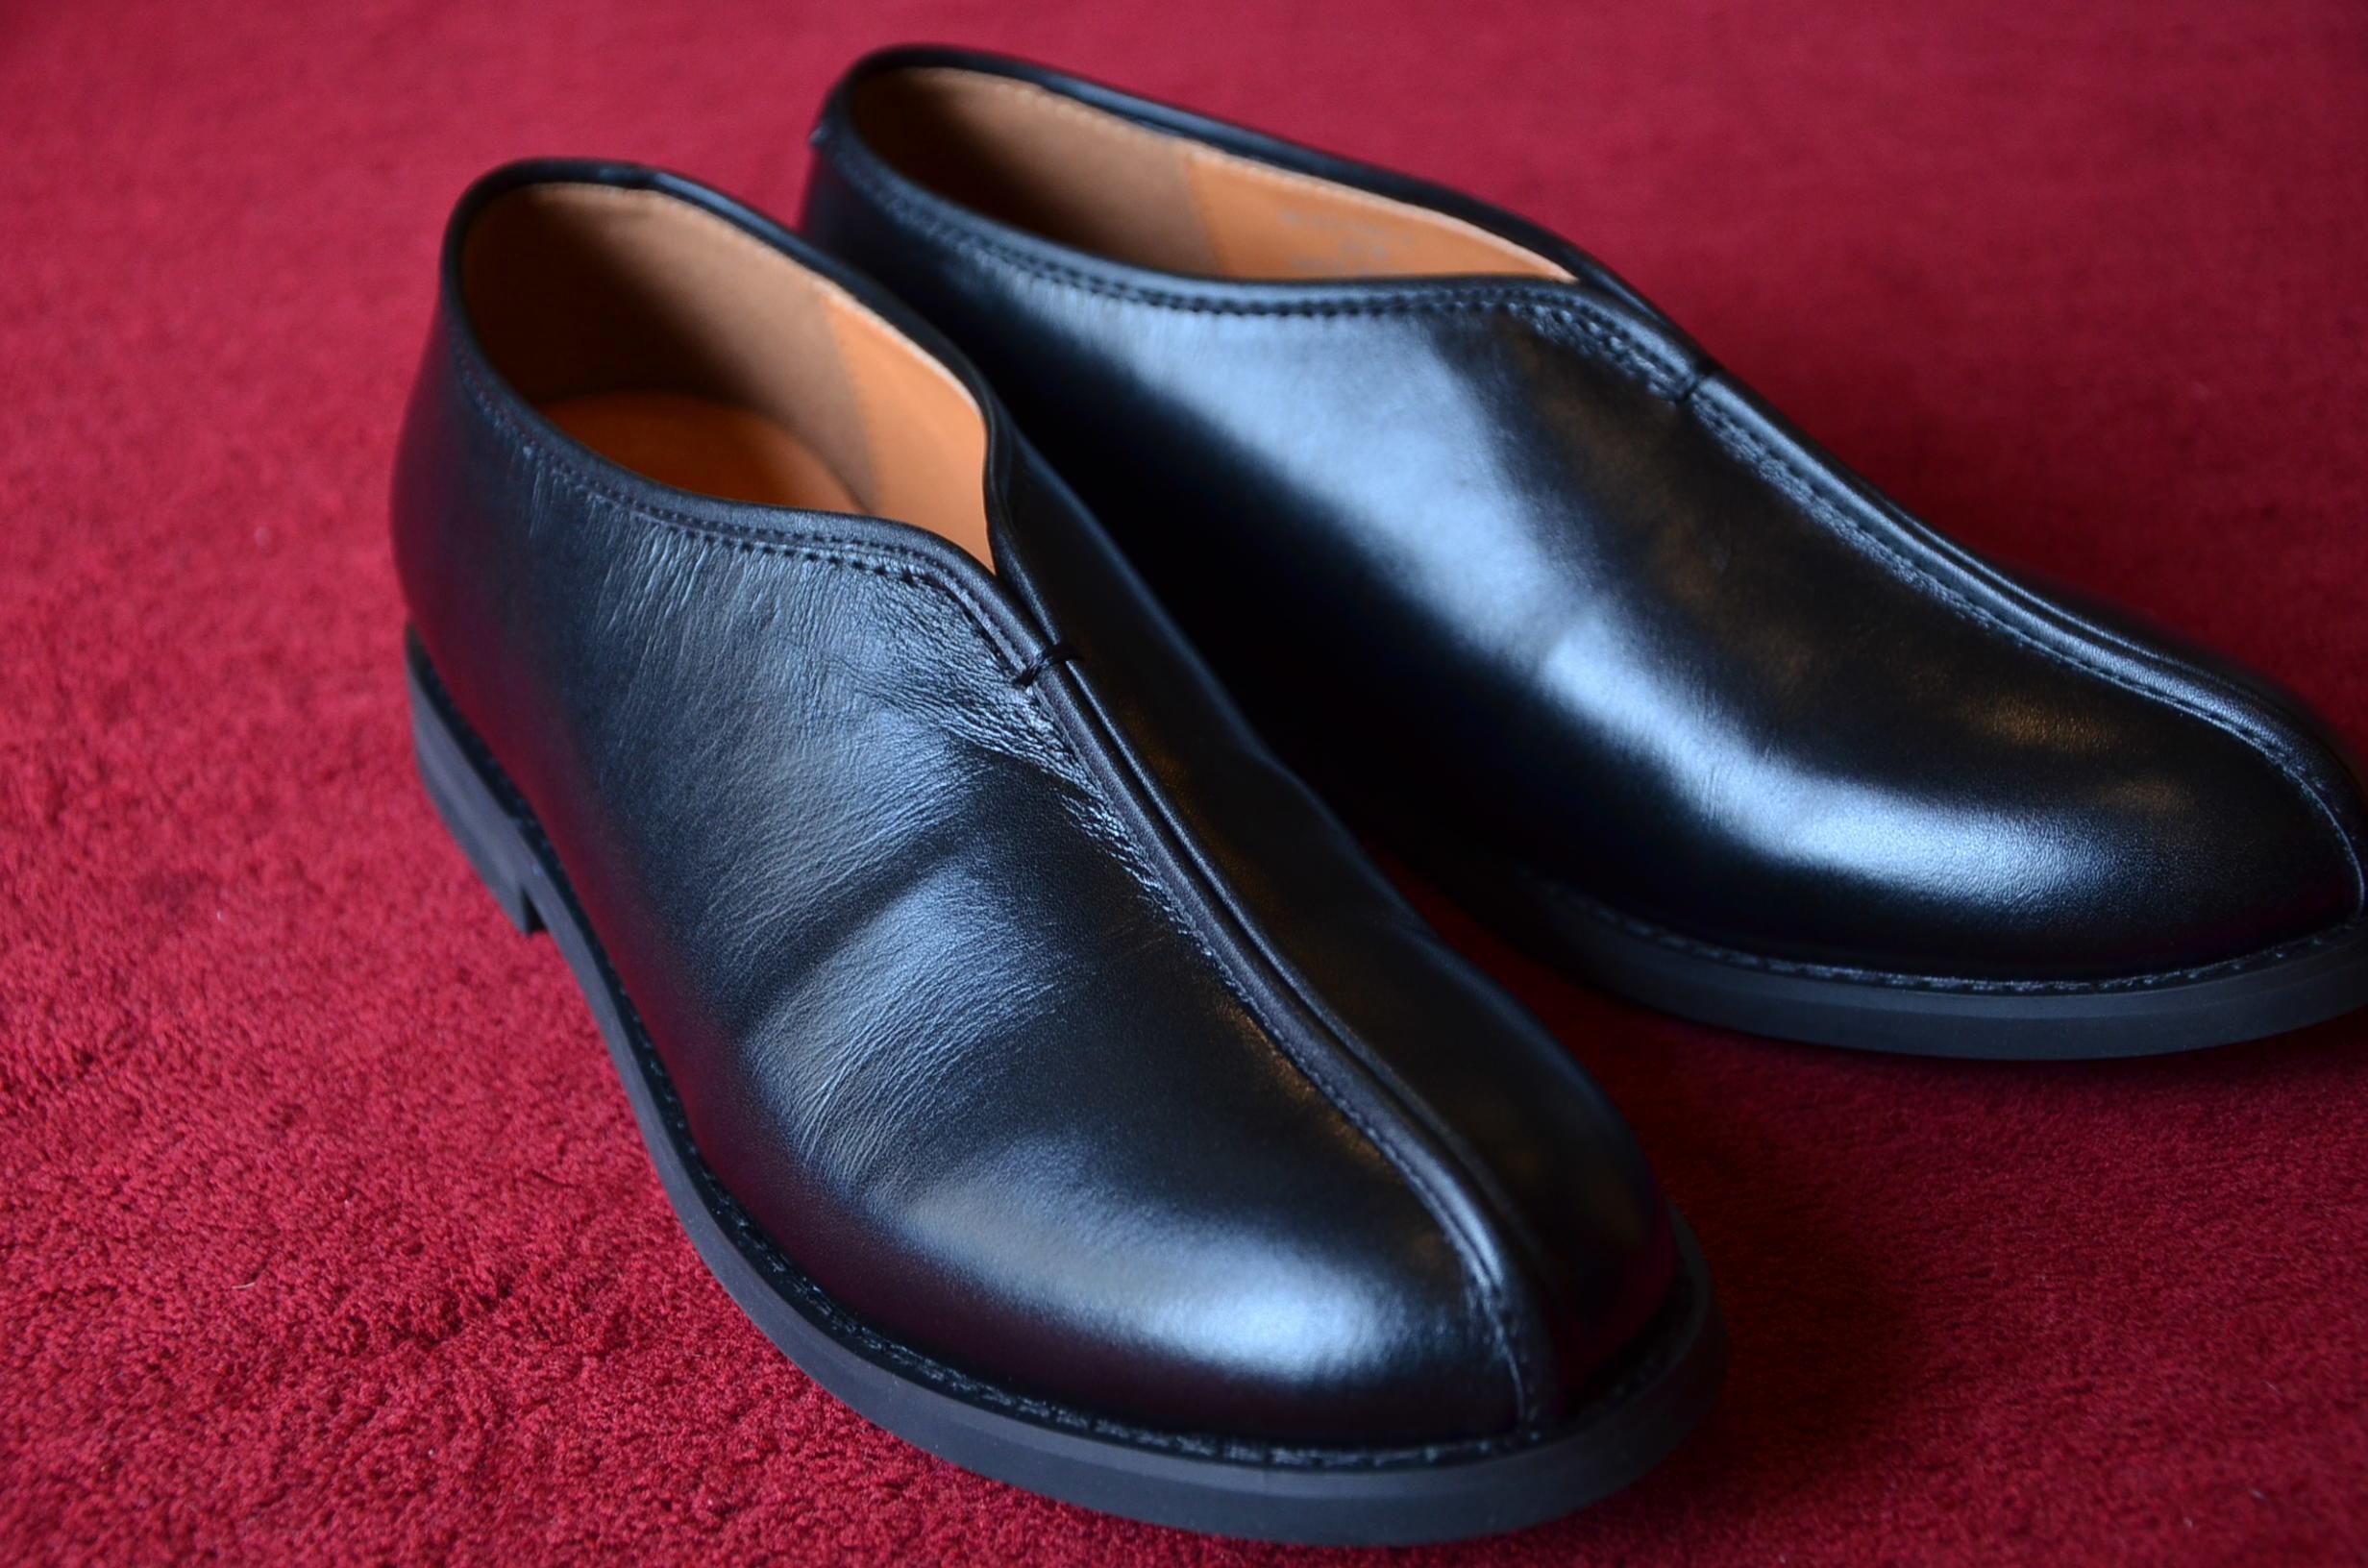 シーンを選ばずいつでも履ける、革靴です。_c0167336_19444141.jpg